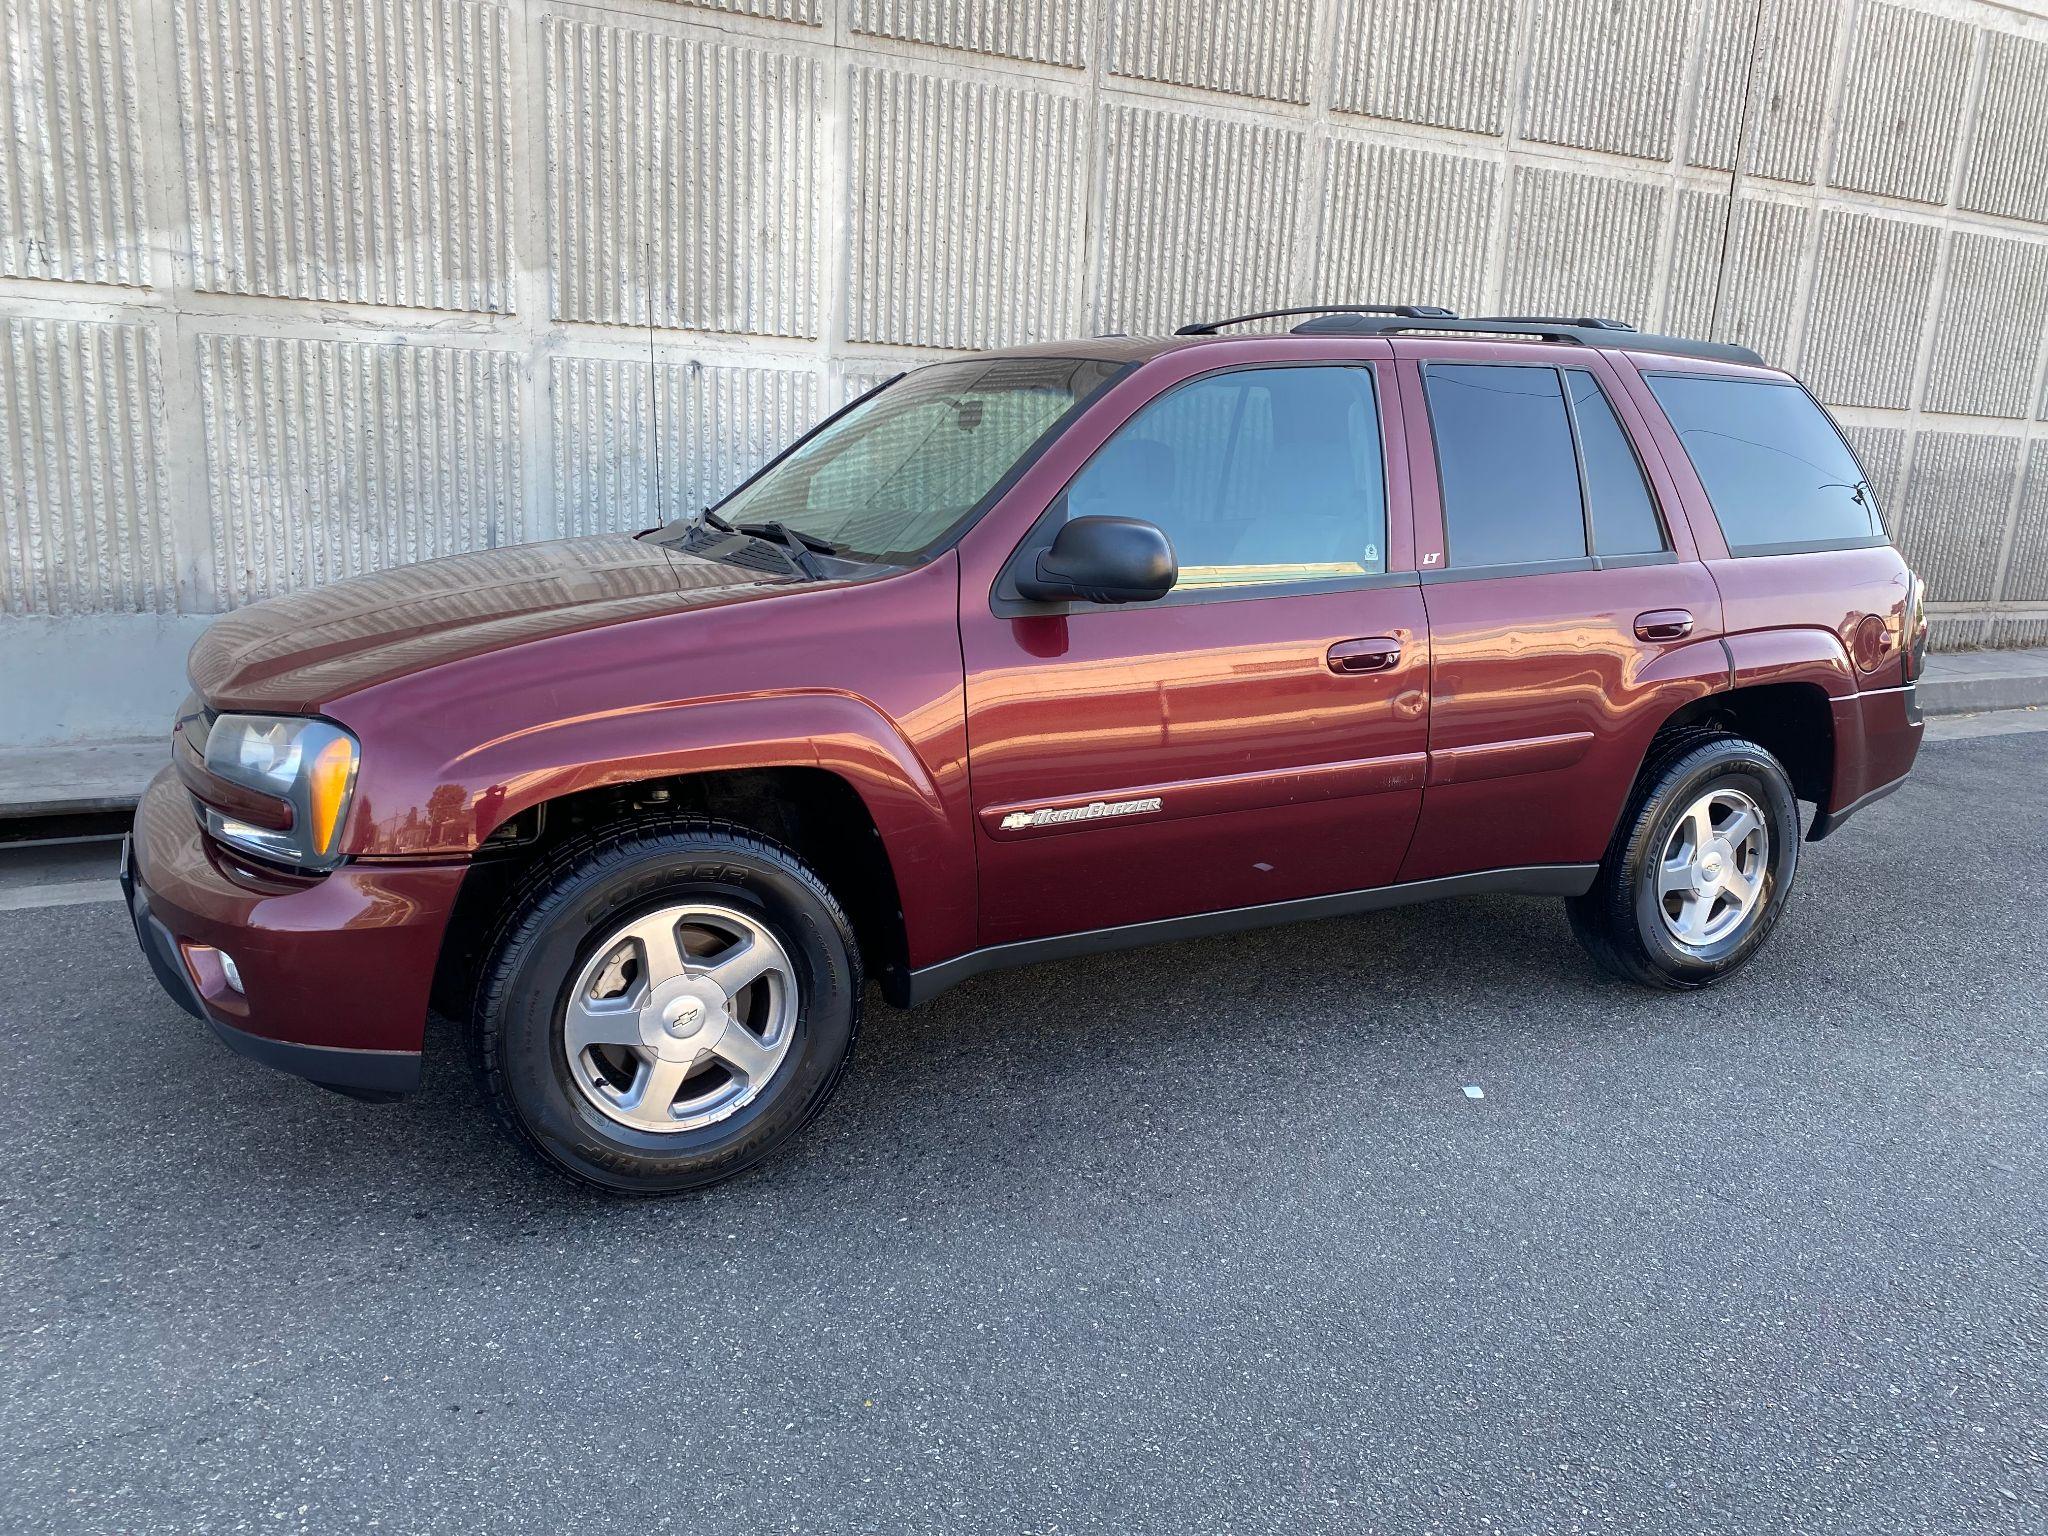 2004 Chevrolet TrailBlazer LT